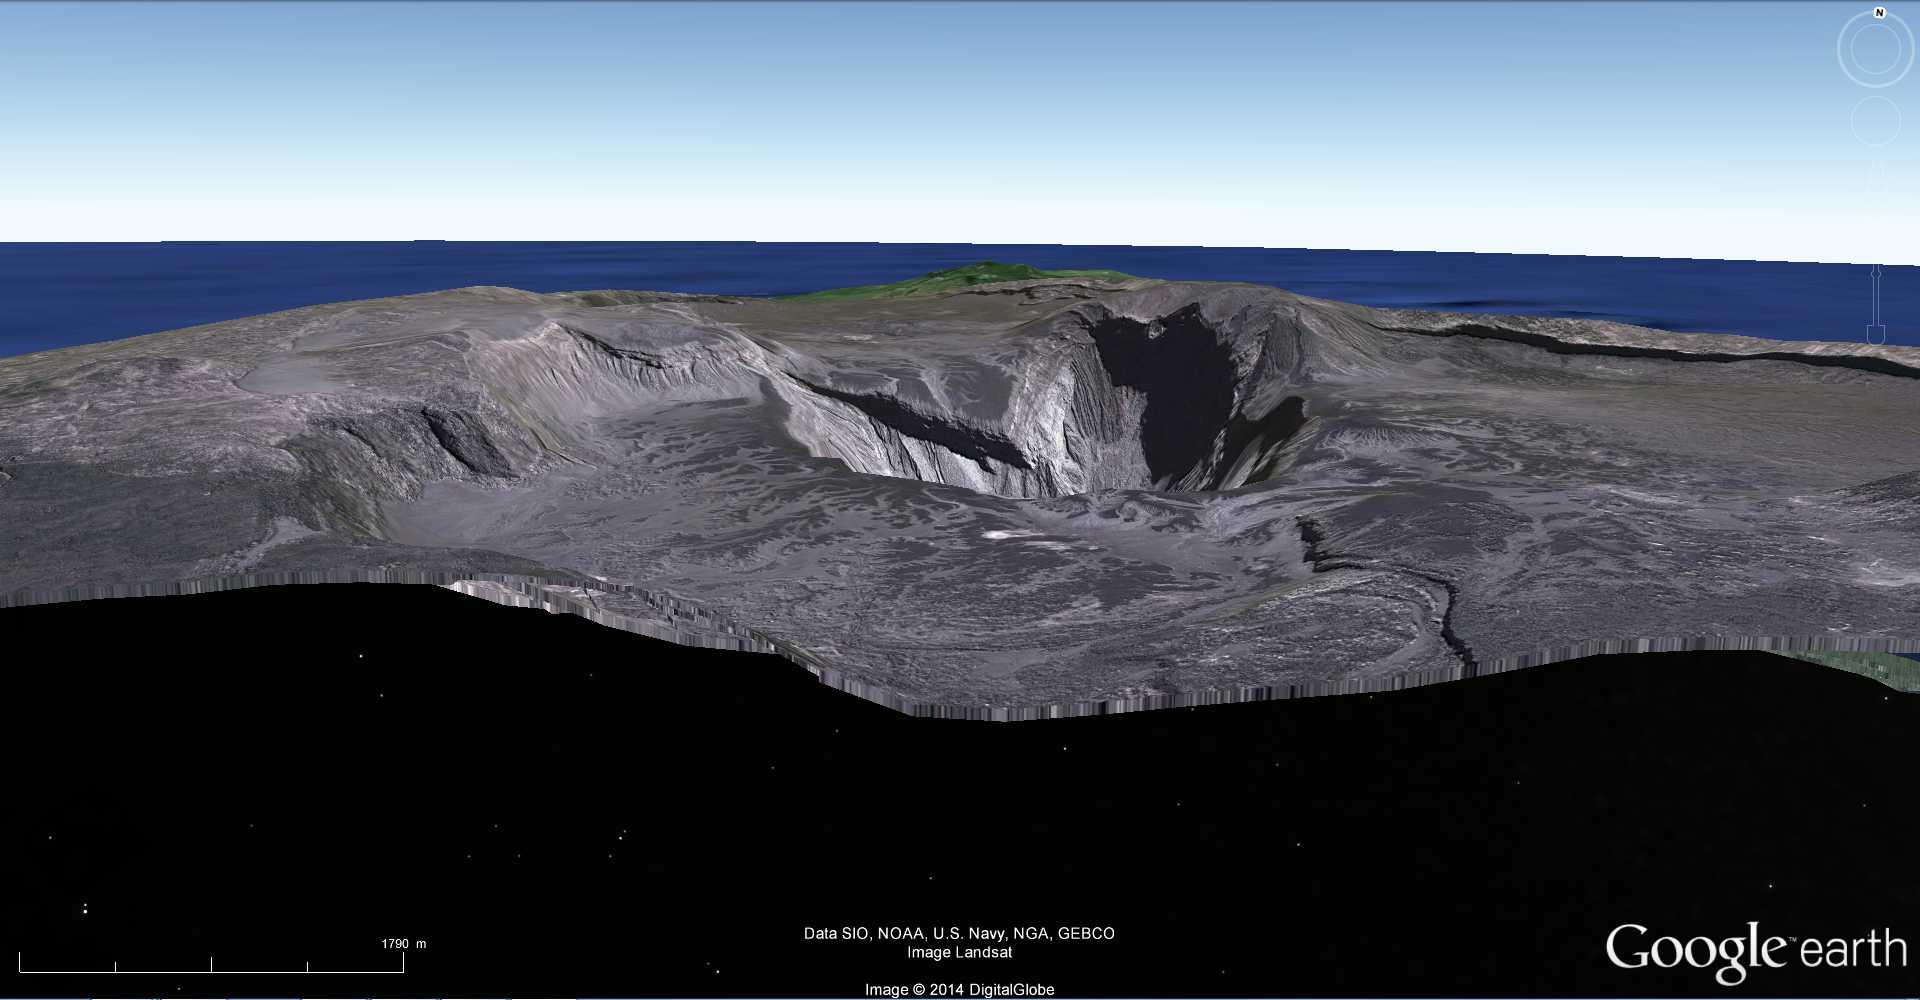 Les dessous de Google Earth avec le volcan Karthala - Comores 2014-100